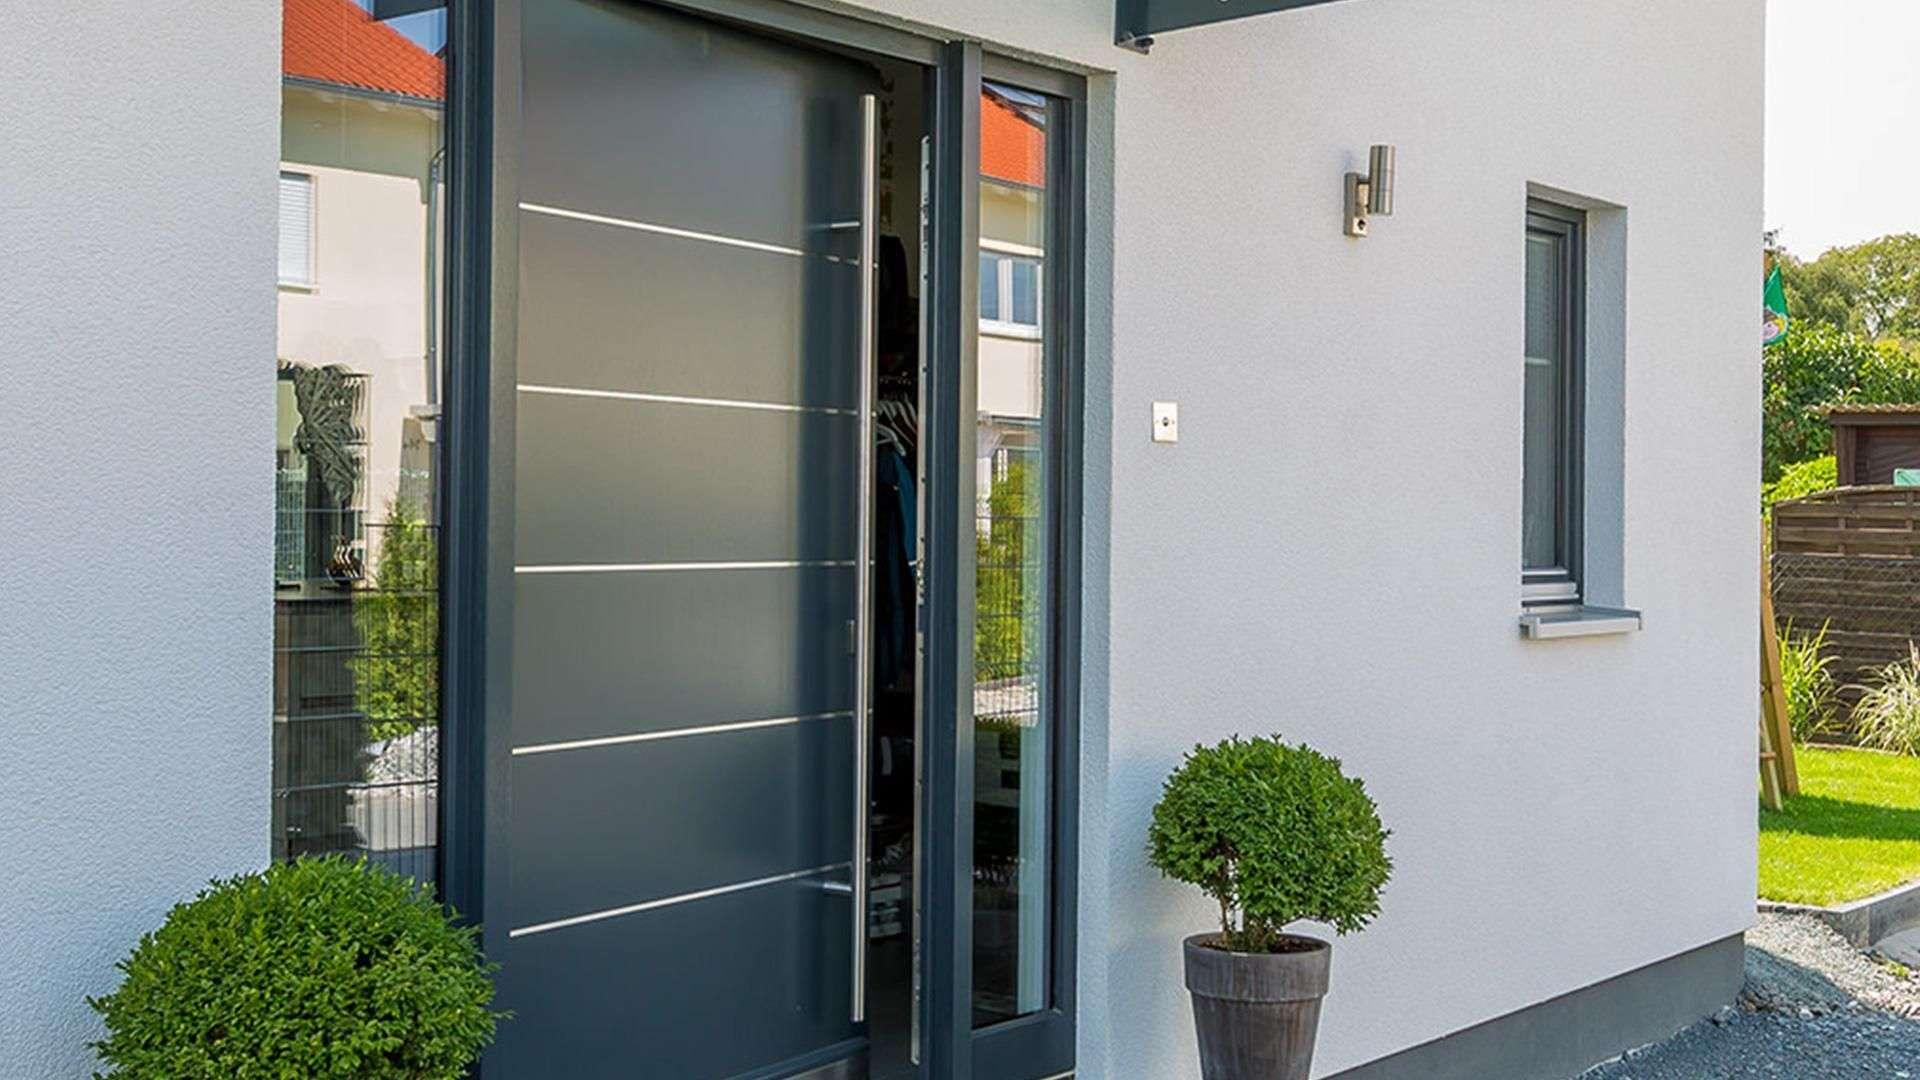 graue Holzhaustür mit Glaselemente links und rechts in einer weißen Fassade